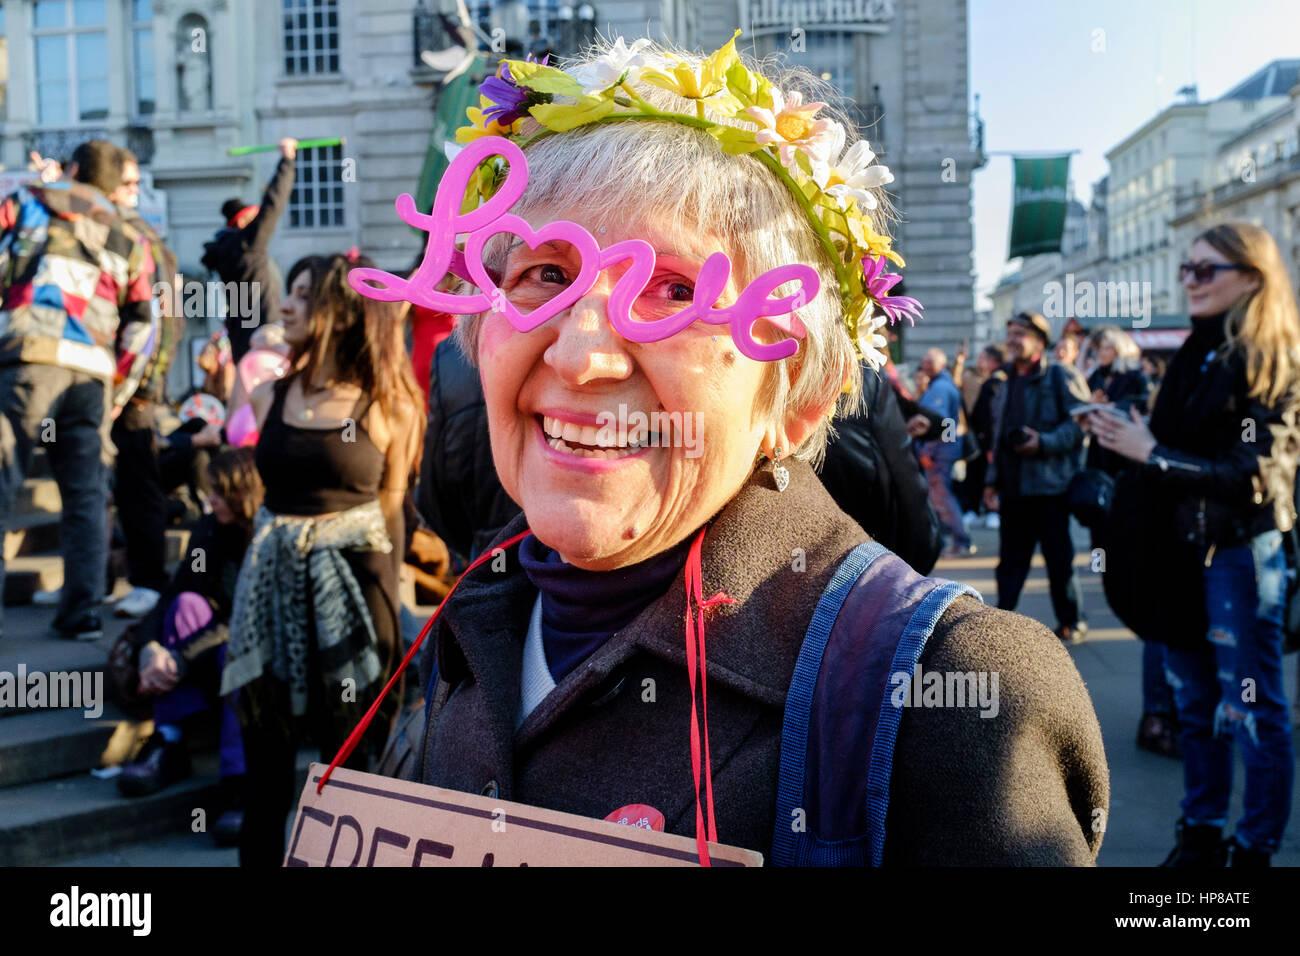 Reife Frau trägt Neuheit Liebe Brille an der zurückfordern Liebe Pflaster Partei, Leicester Square, London, Stockbild